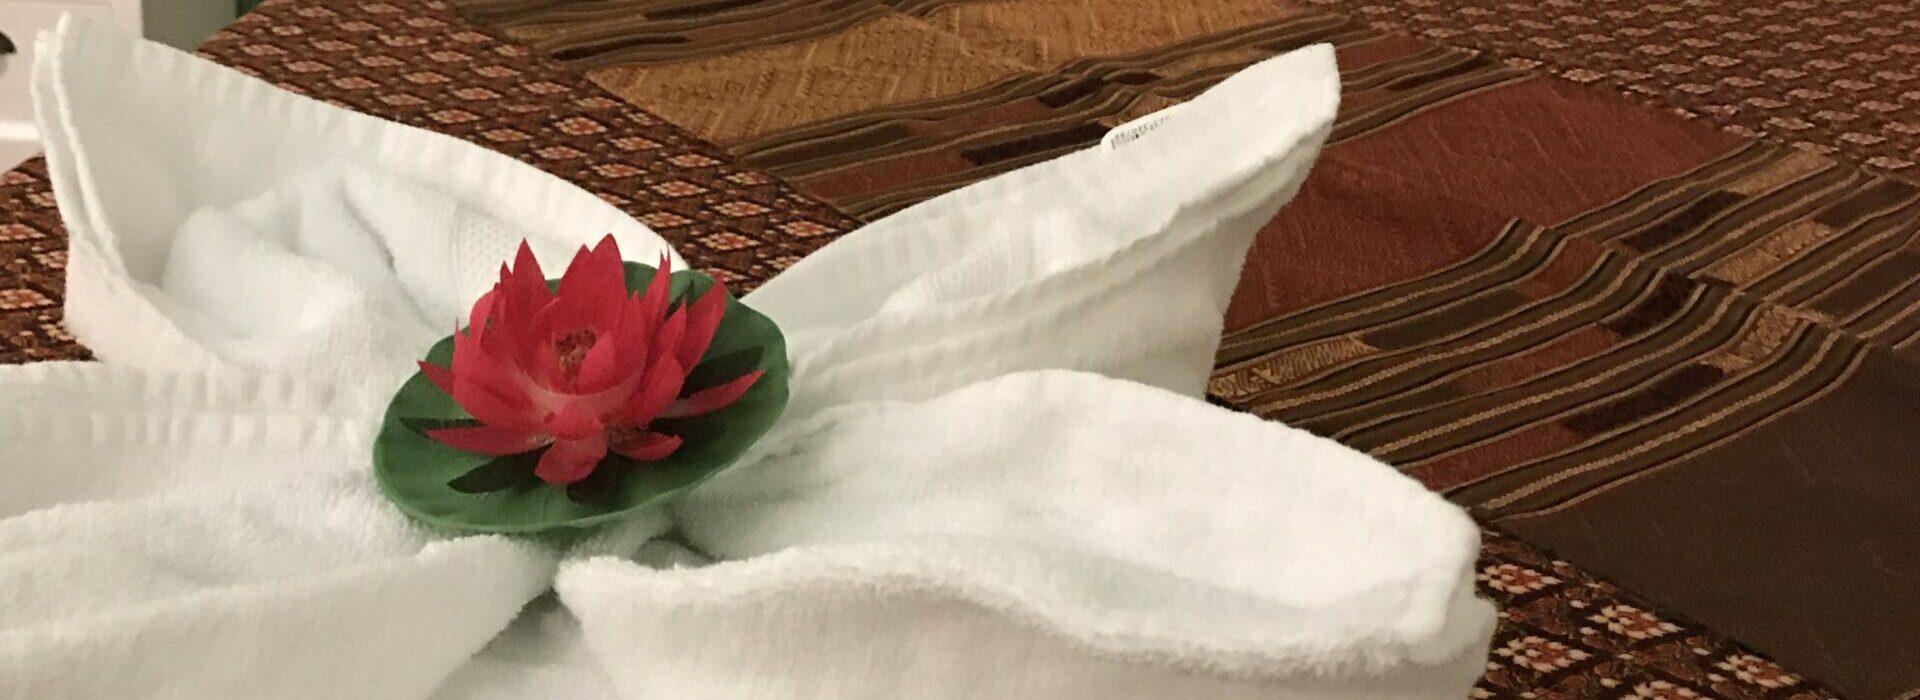 Thip's Thai Massages Leeuwarden